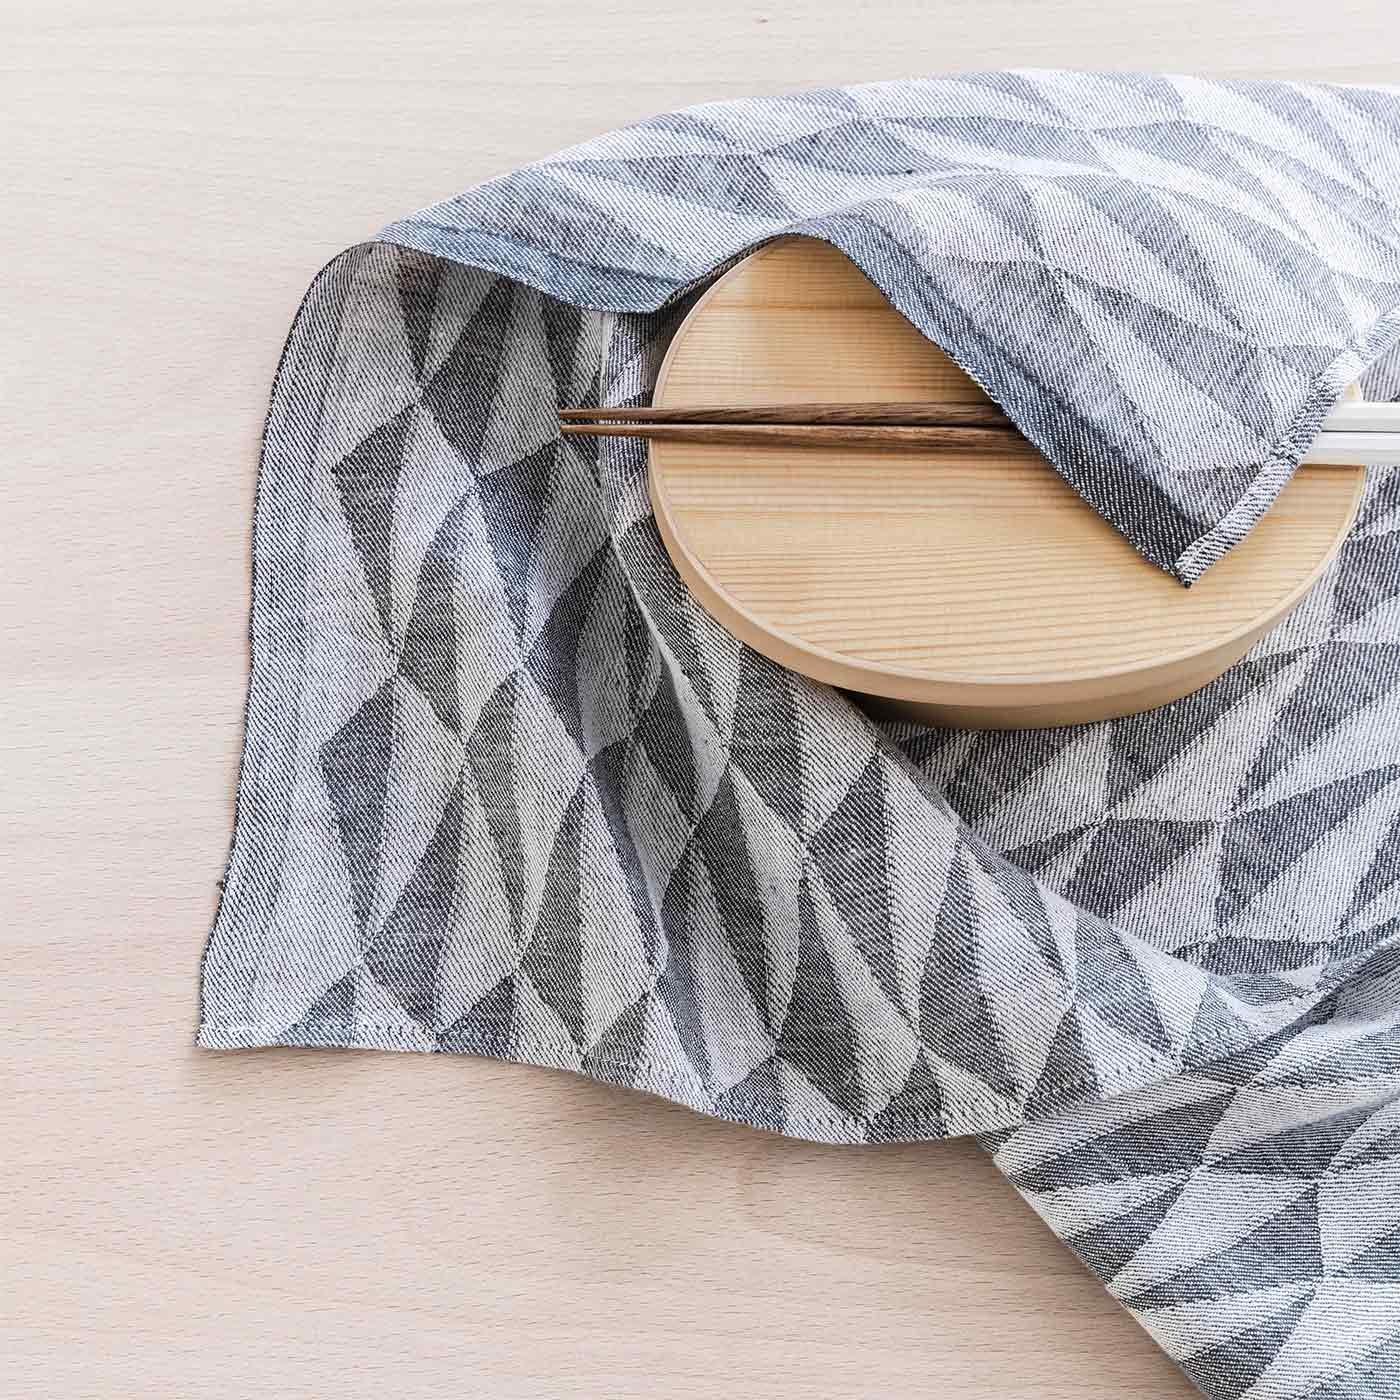 お弁当包みやハンカチにも 幾何学模様のマルチなクロス/LAPUAN KANKURIT〈ラプアン カンクリ〉